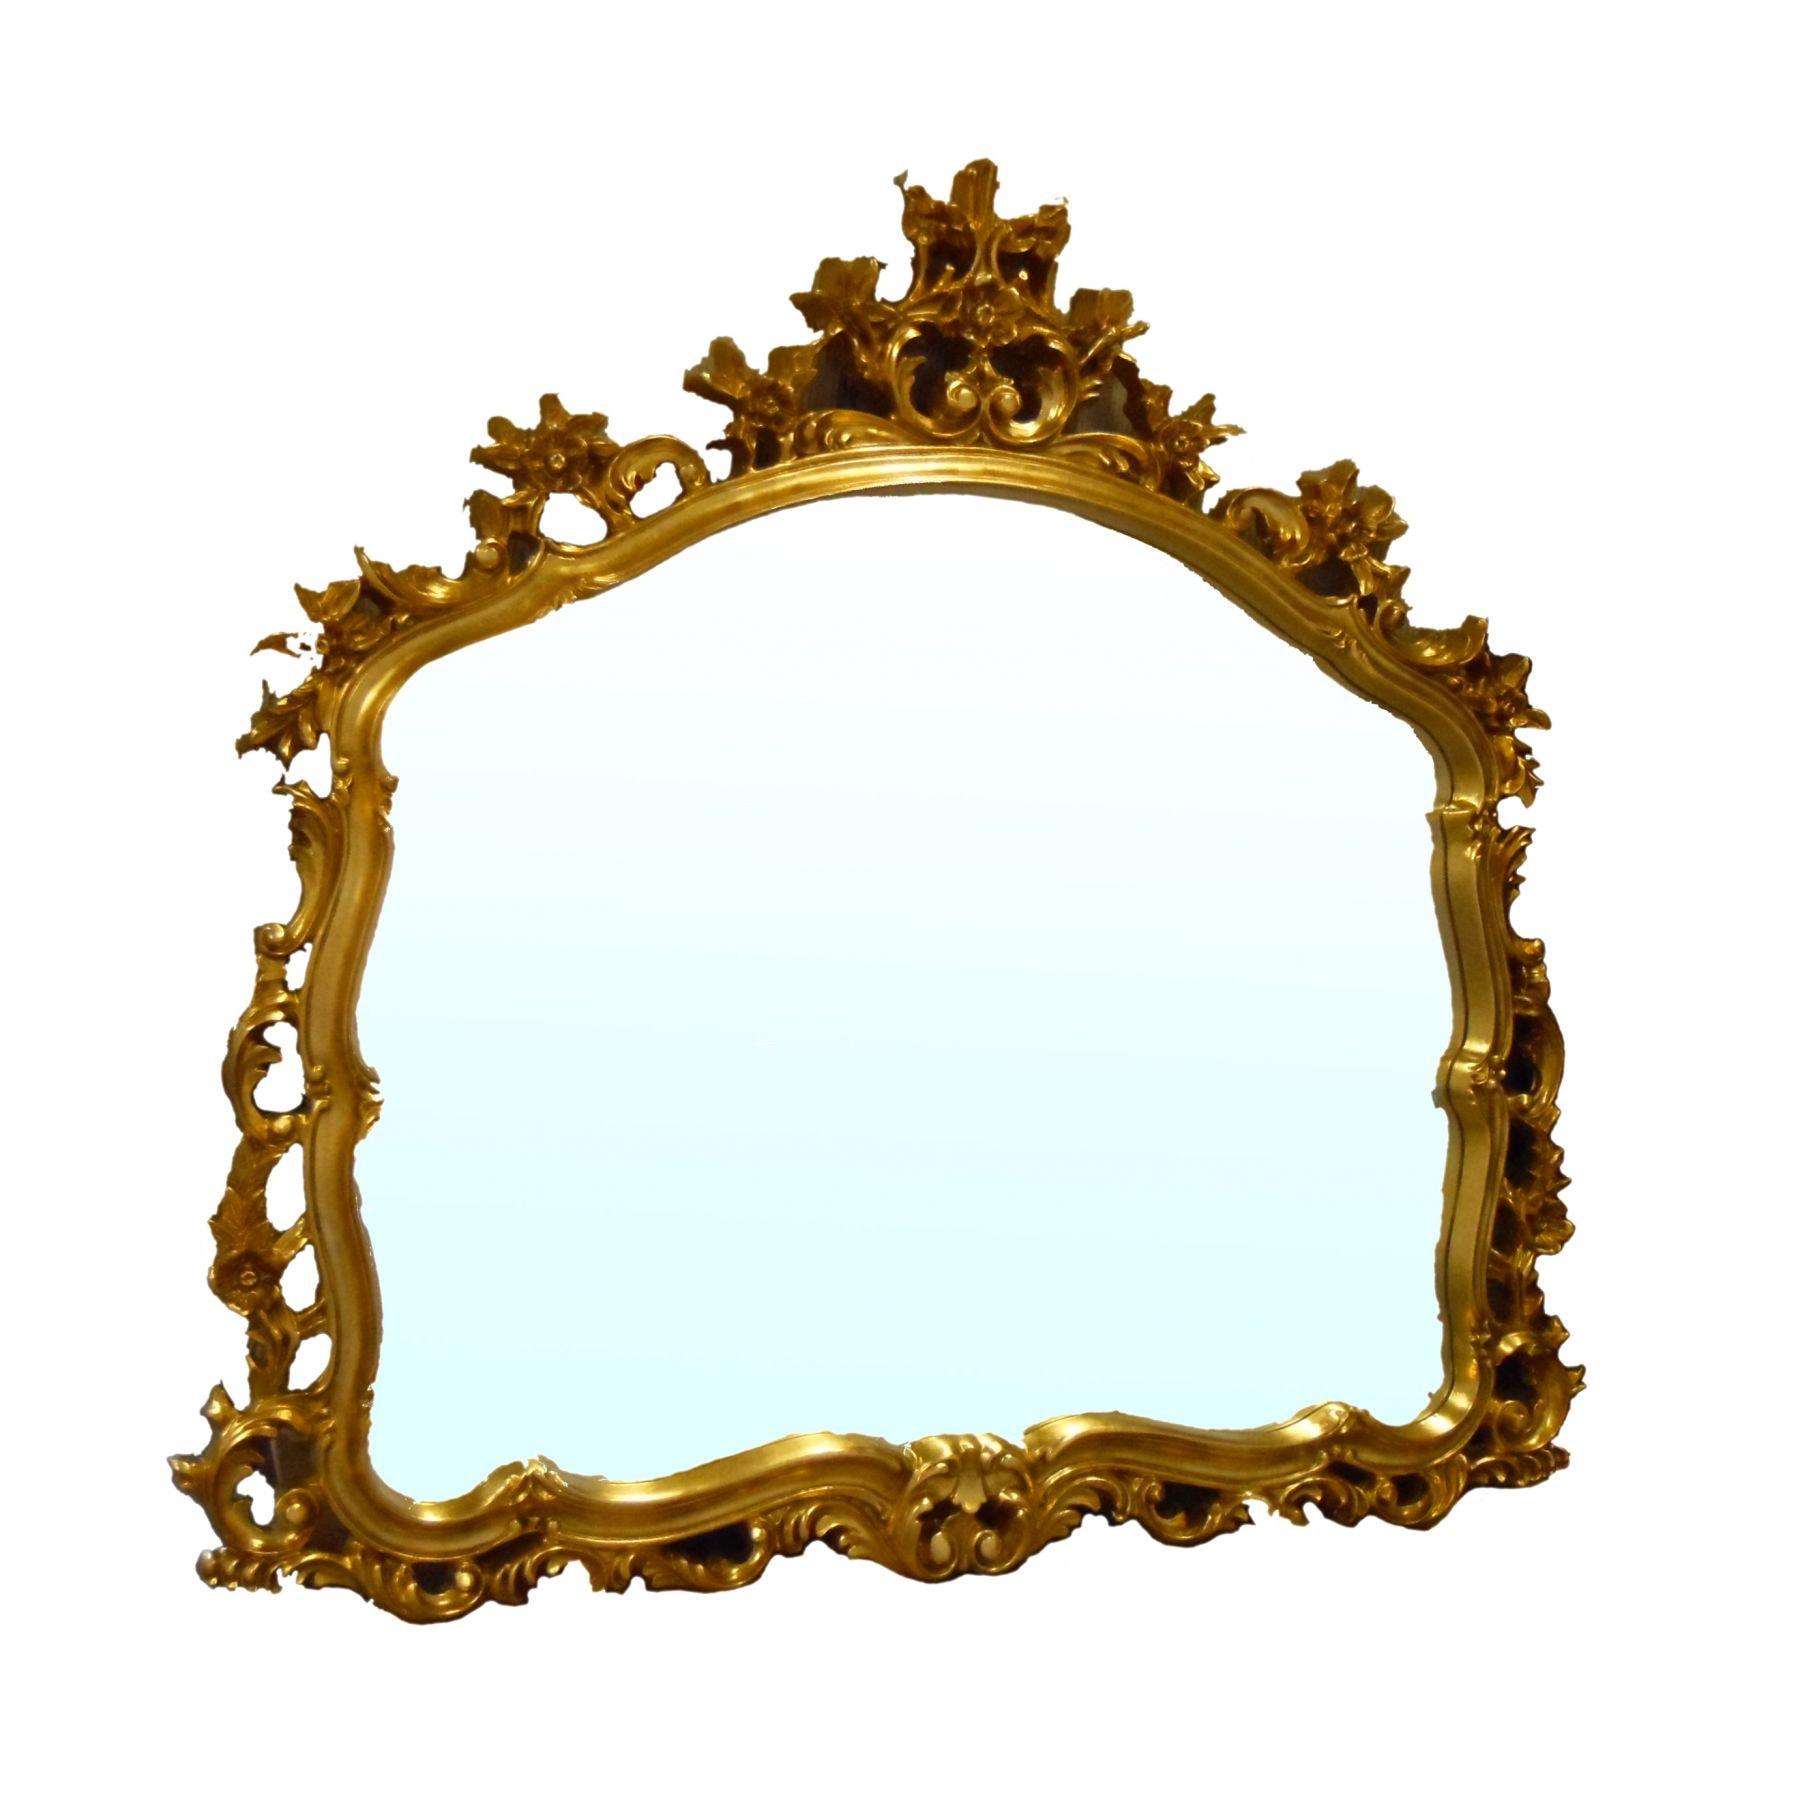 Buy Ornate Gold Framed Mirror